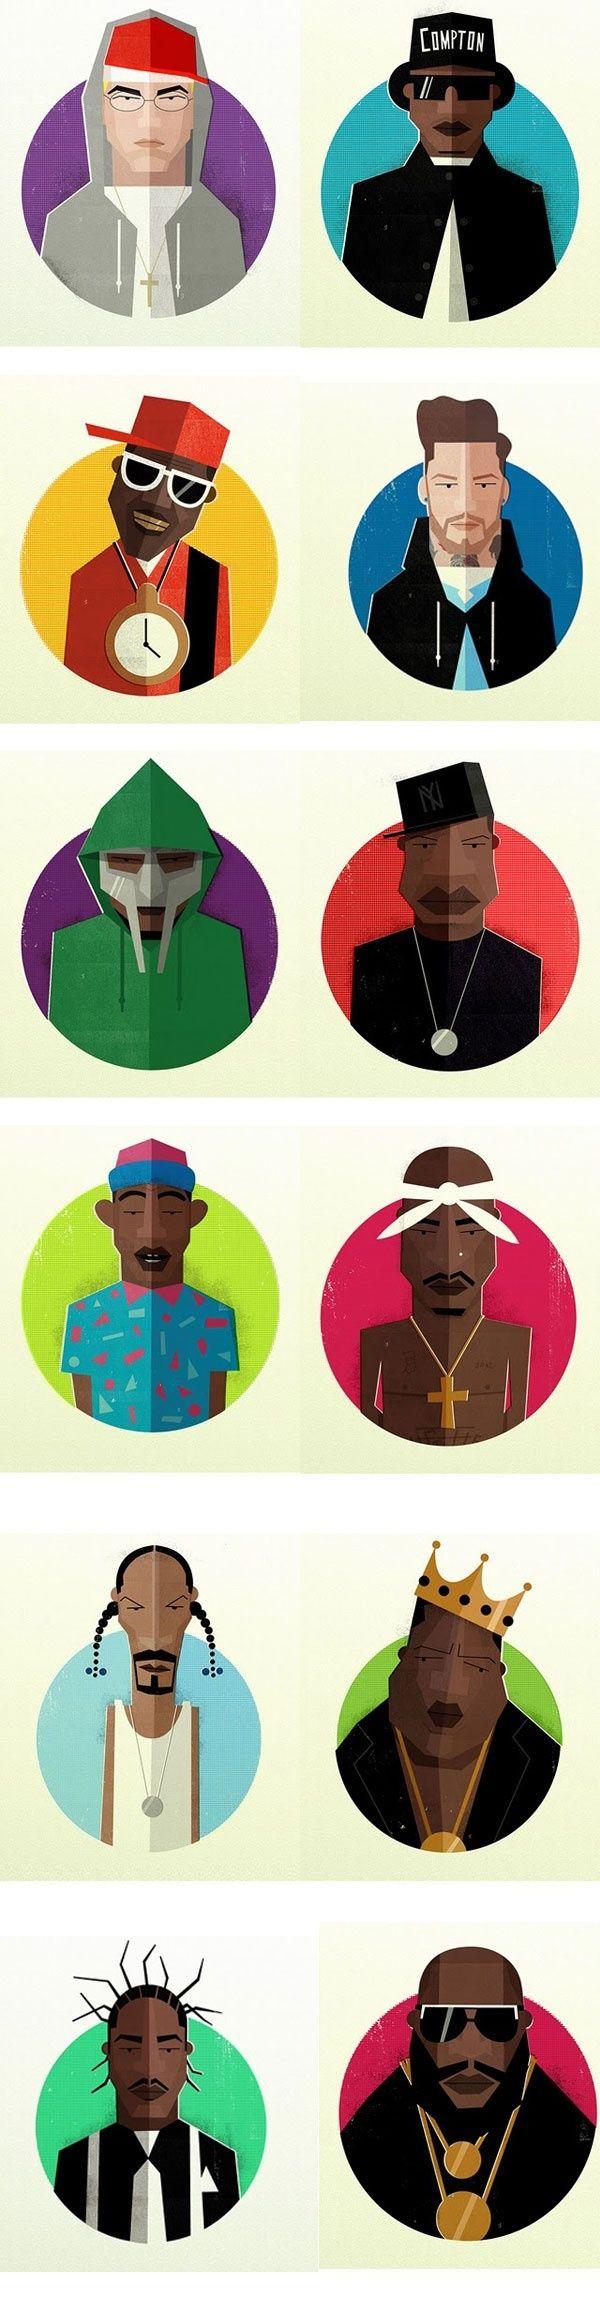 #扁平化##头像设计#hip hop h...